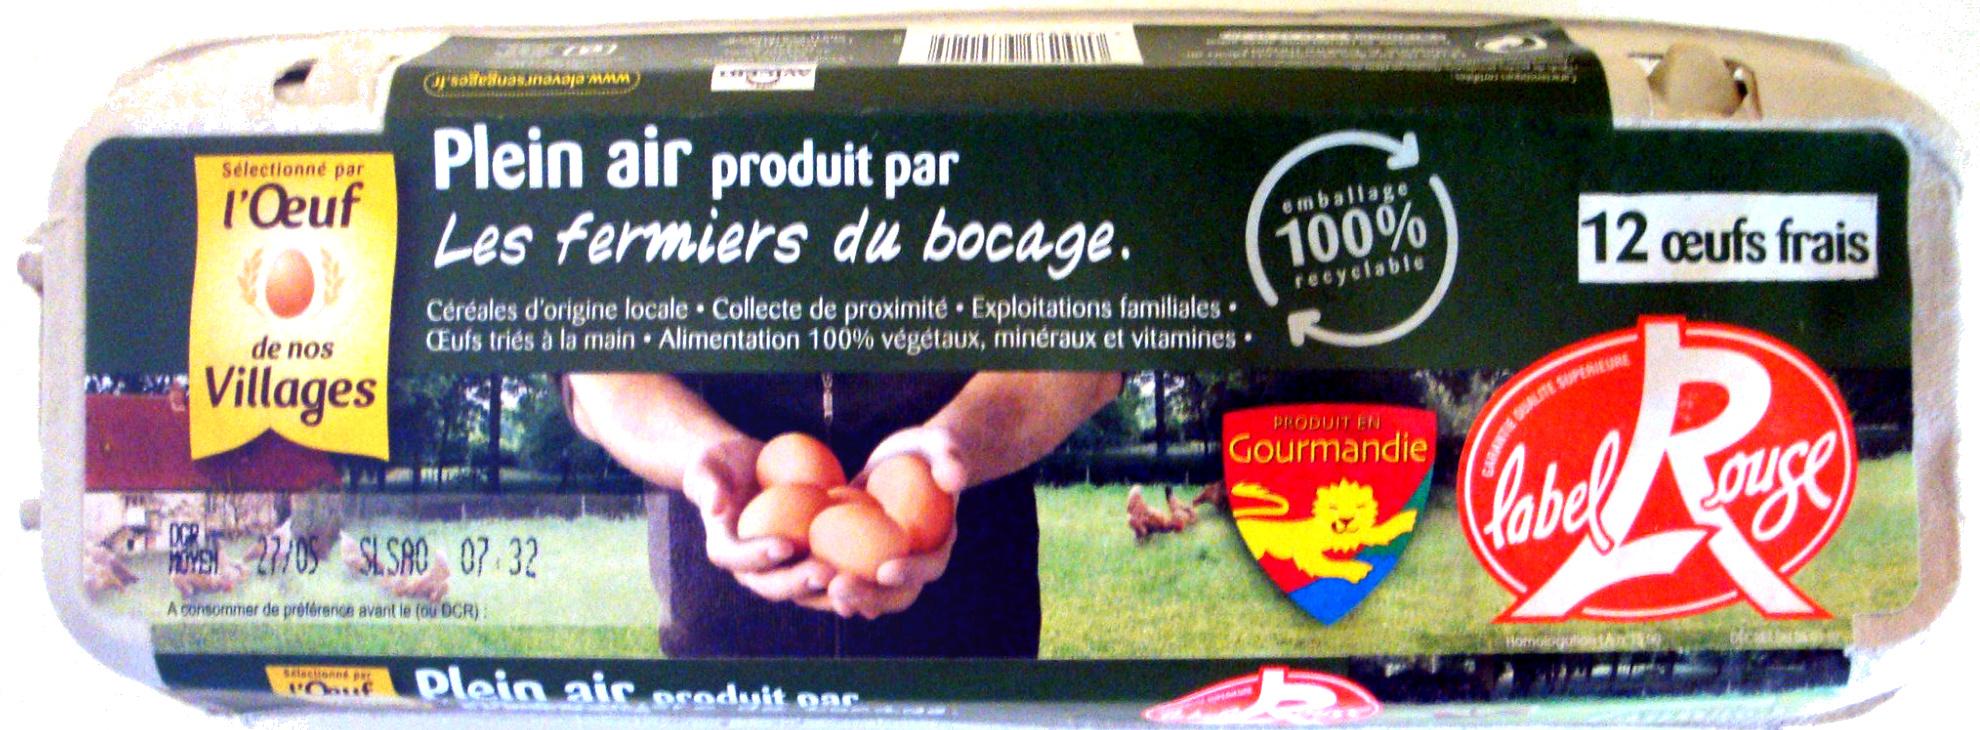 12 oeufs frais Label Rouge - Product - fr